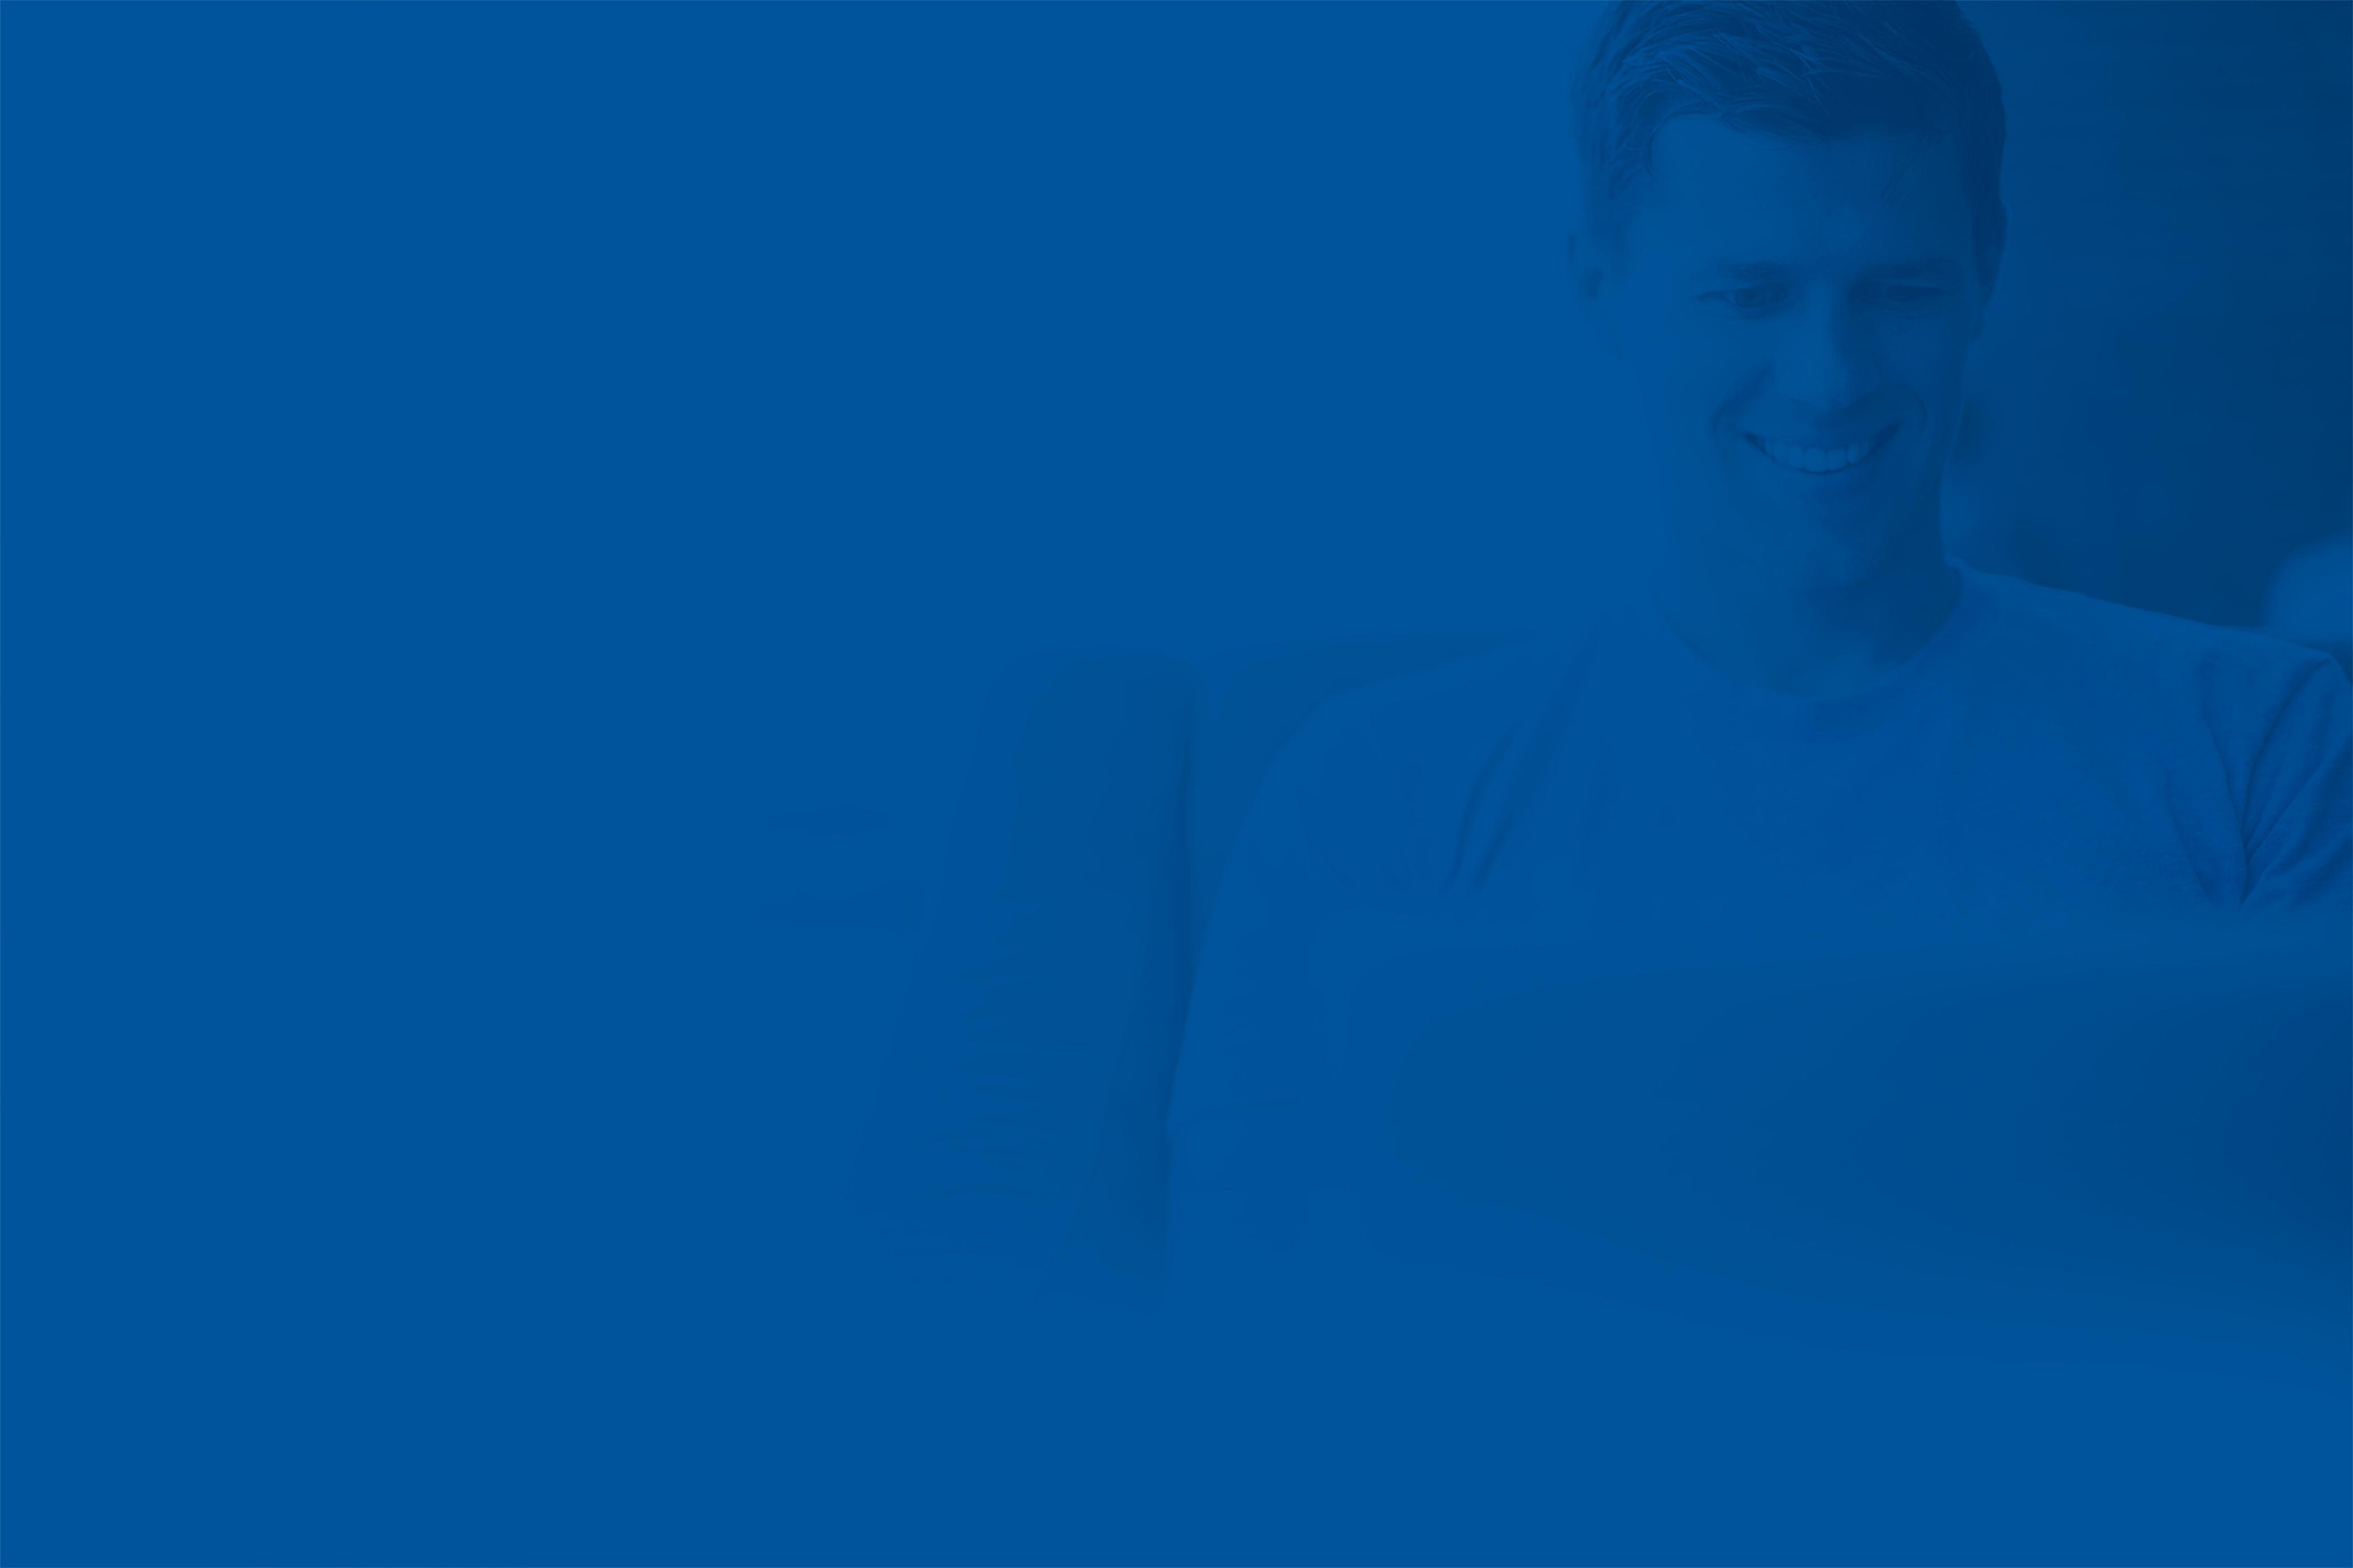 lsb-homepage-blue